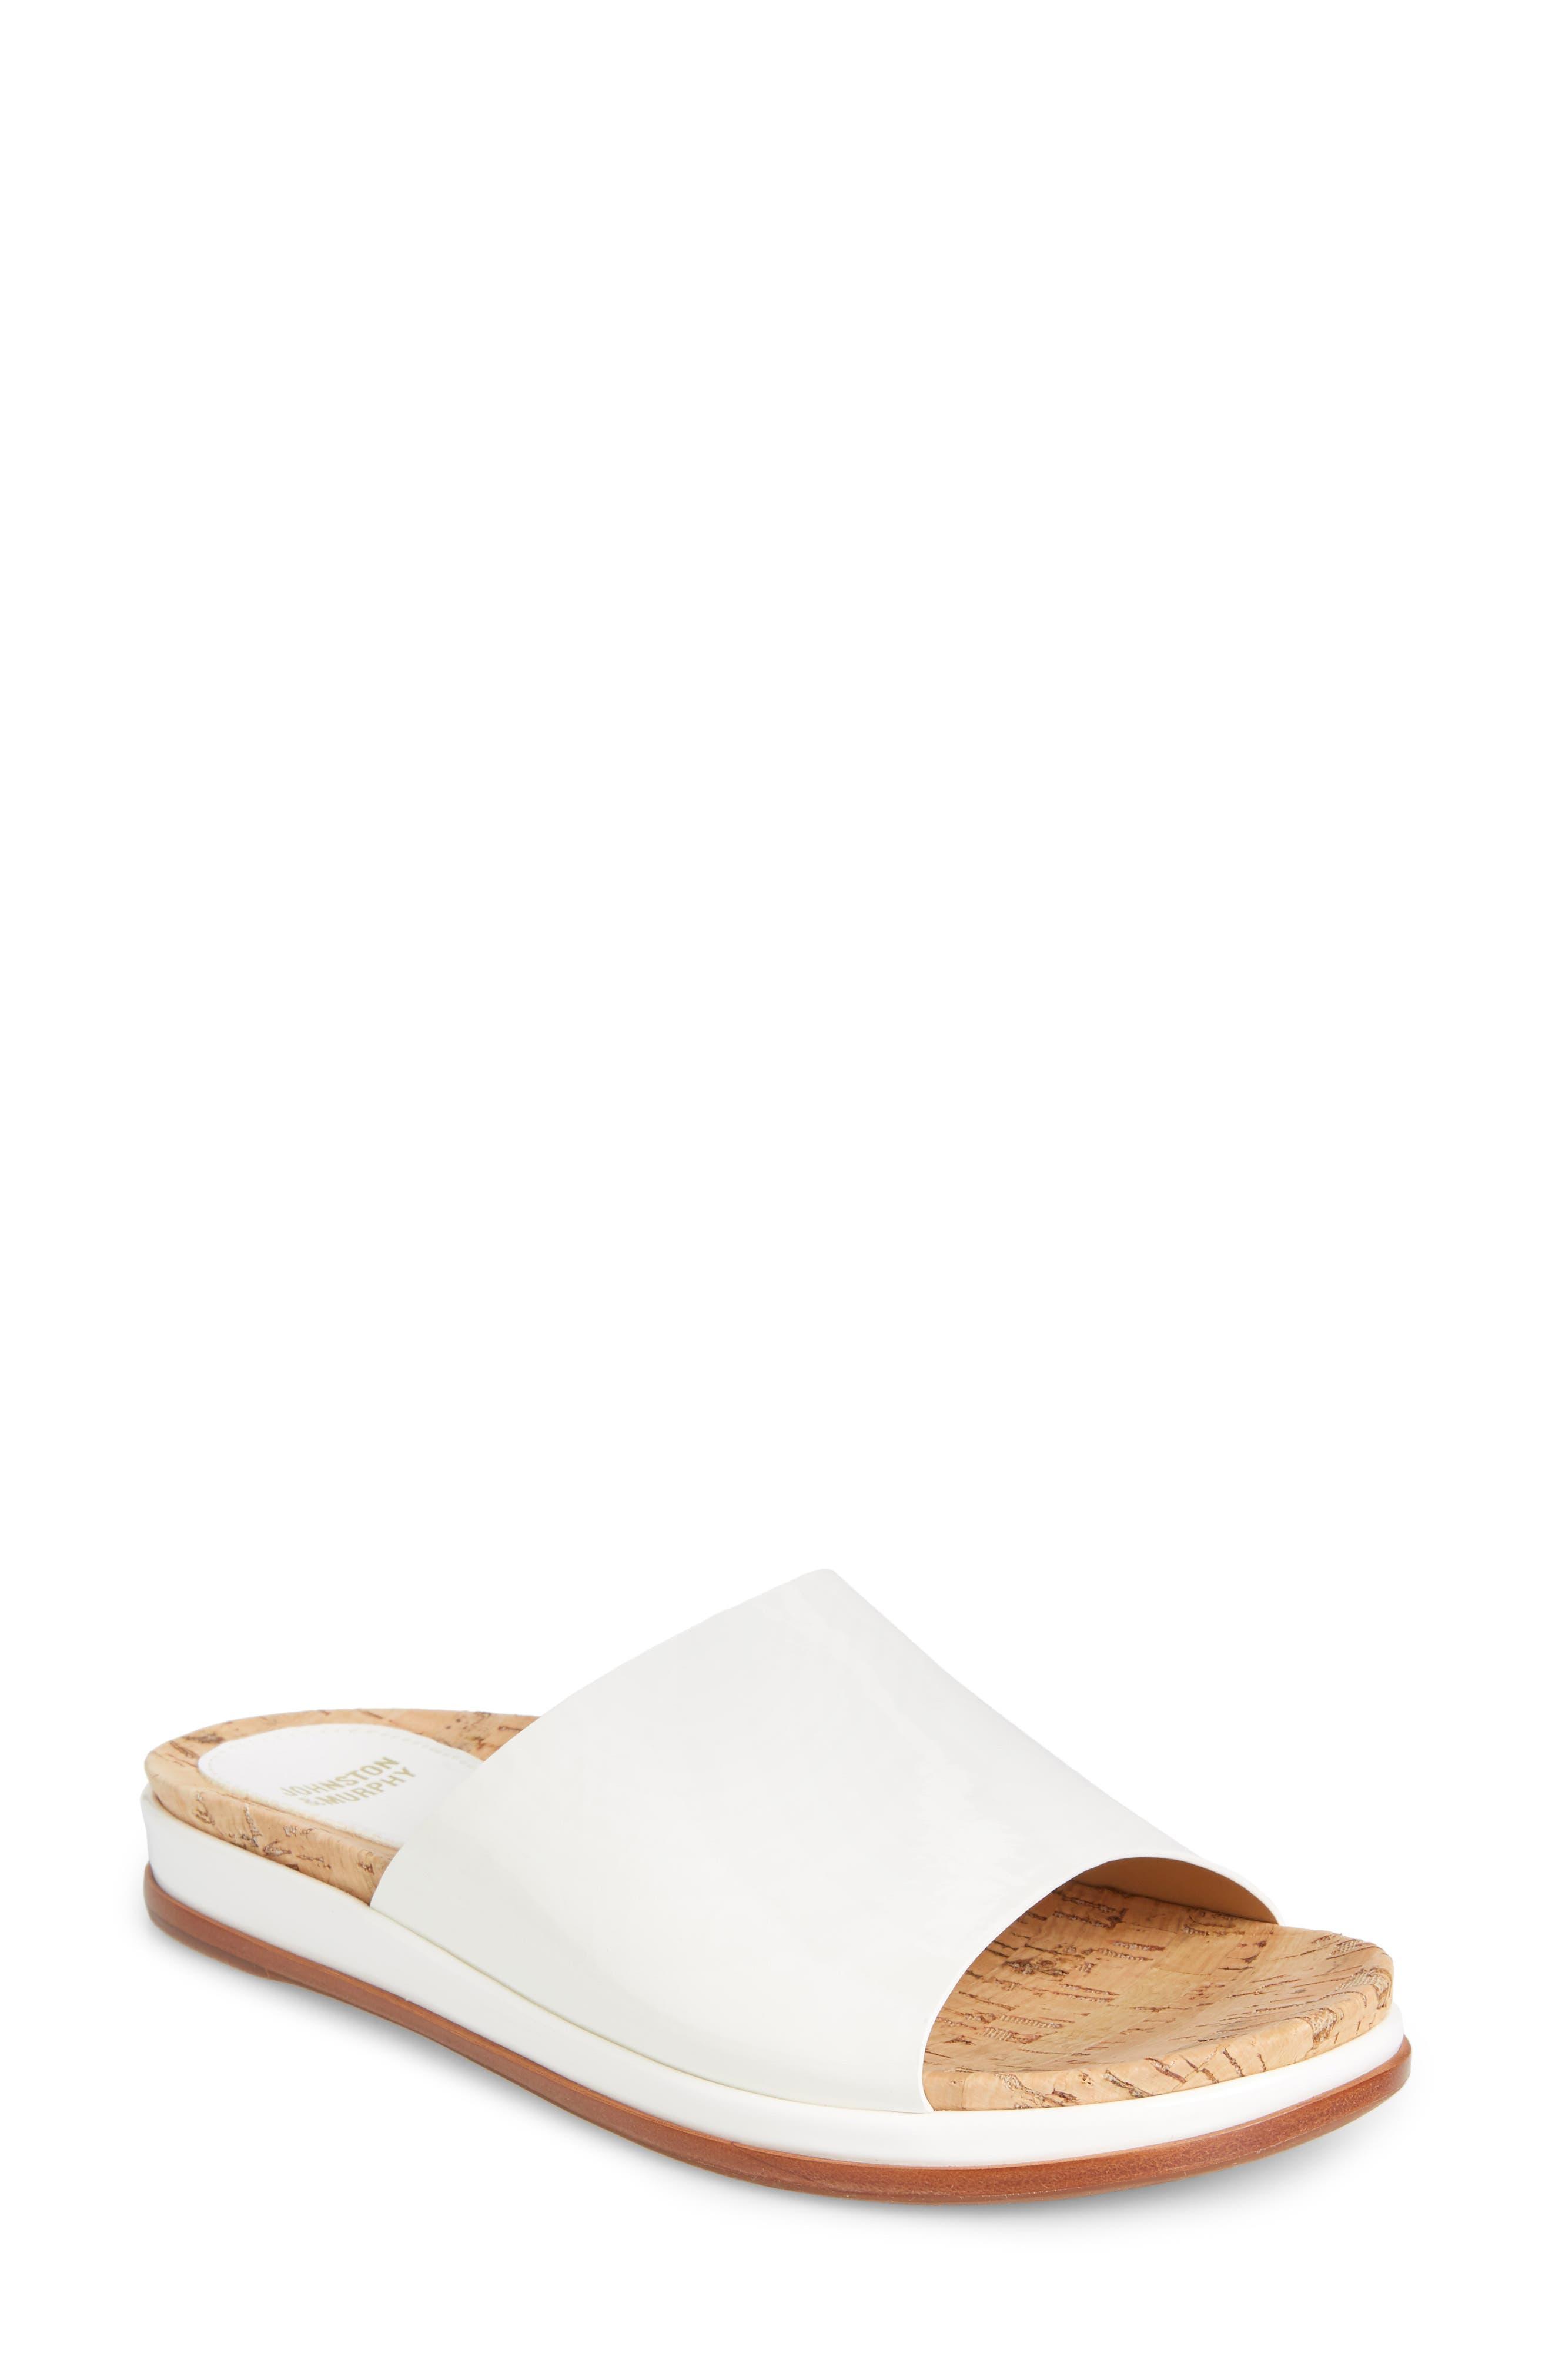 Johnston & Murphy Jenny Slide Sandal, White